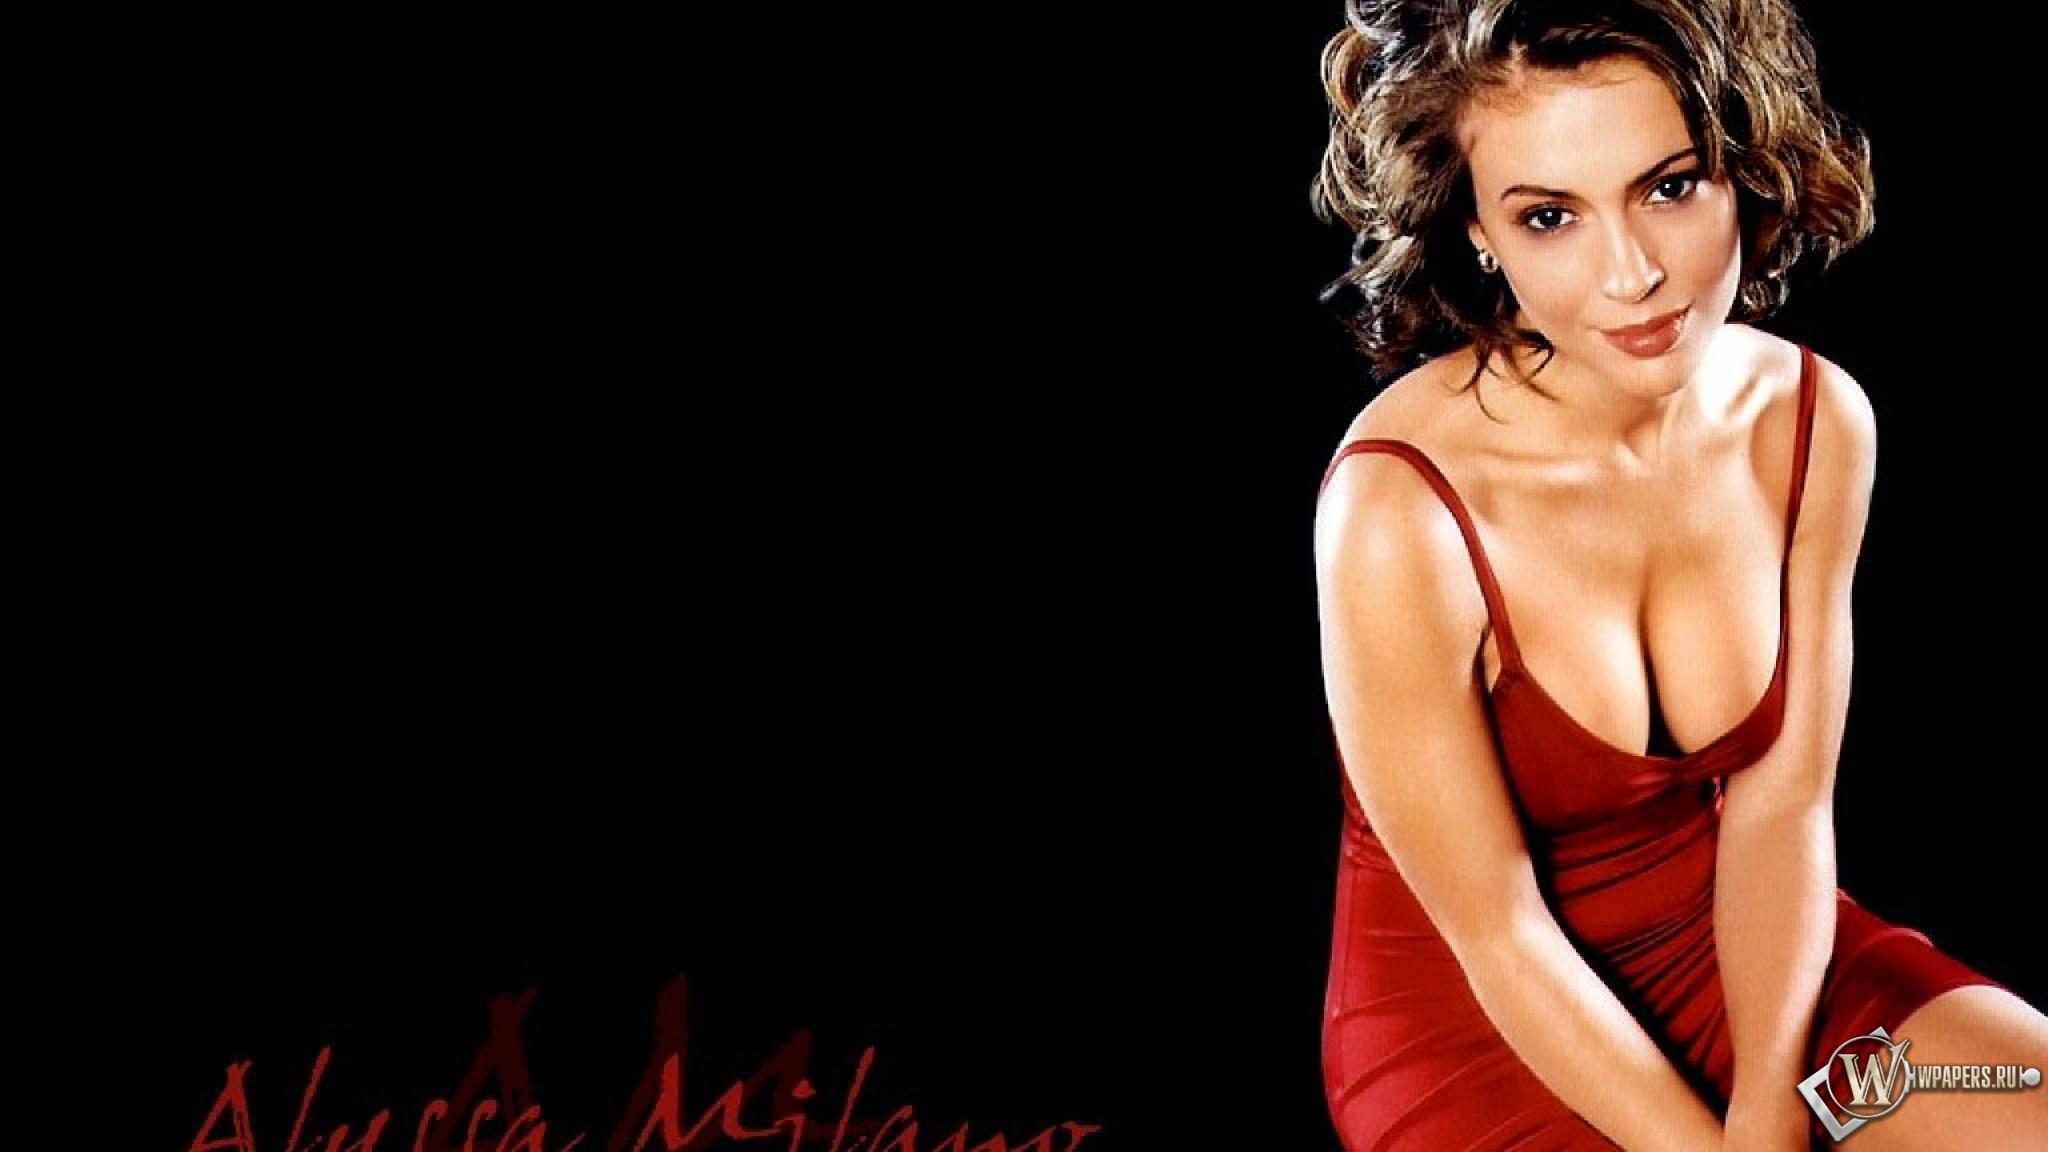 Alyssa Milano 2048x1152